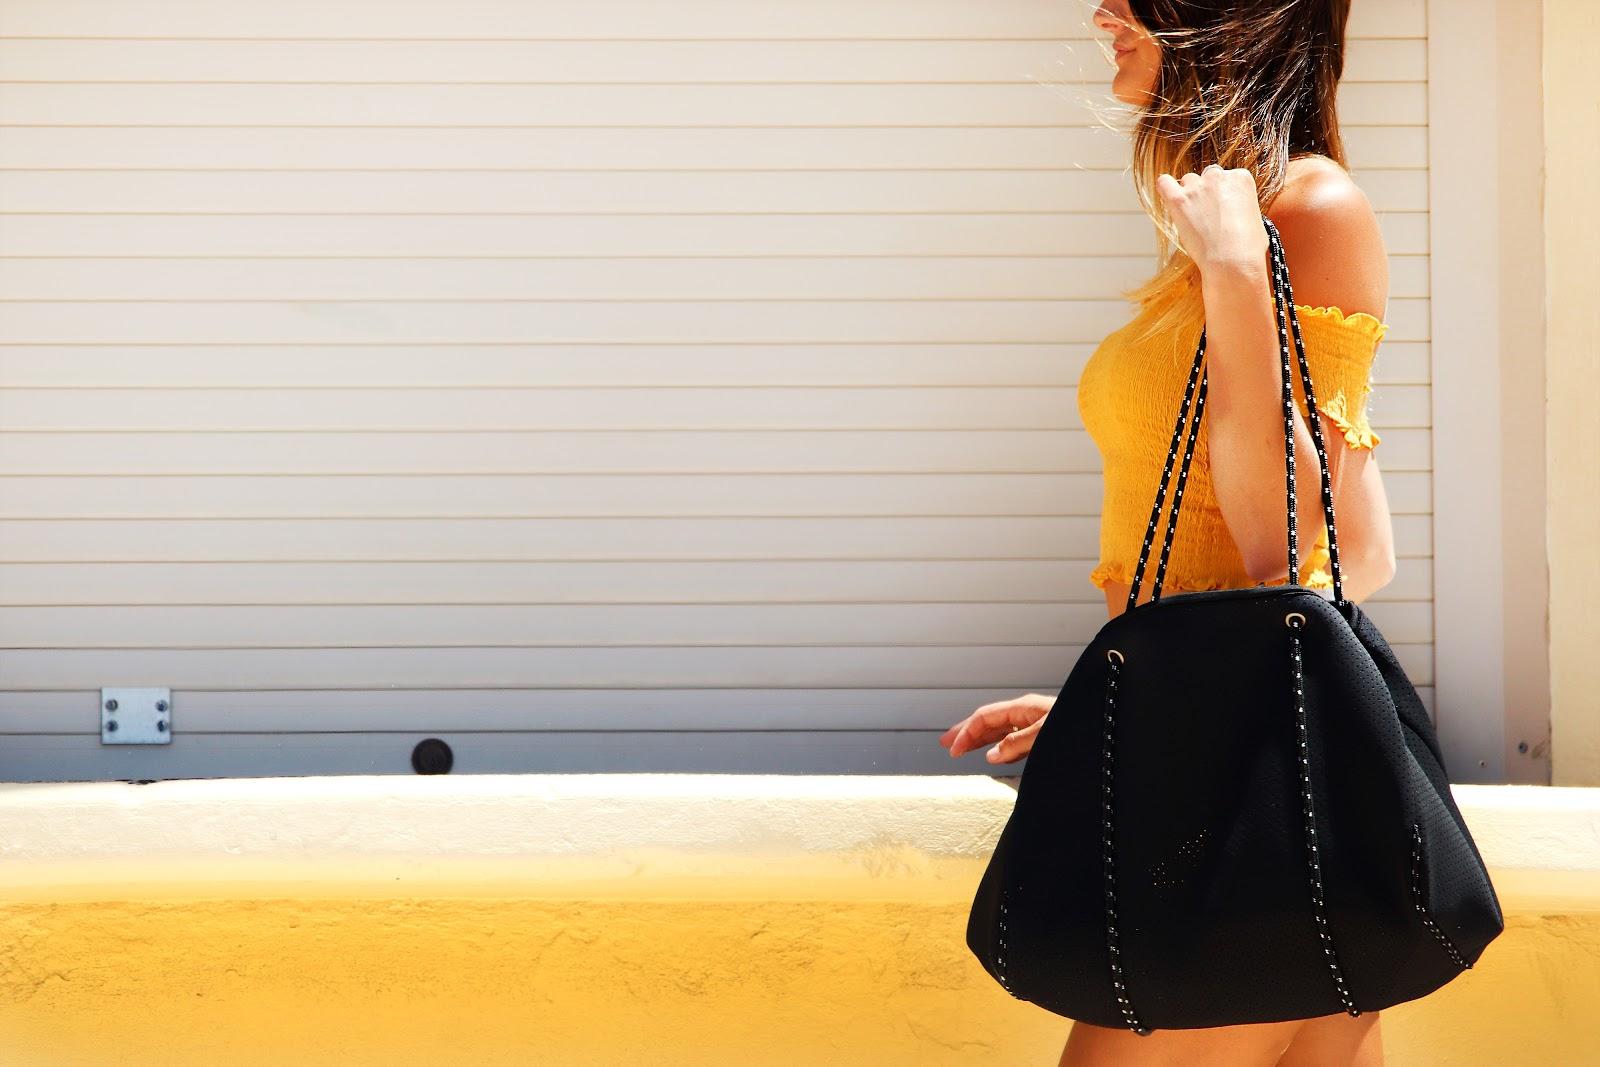 Fata cu o geanta mare de mana